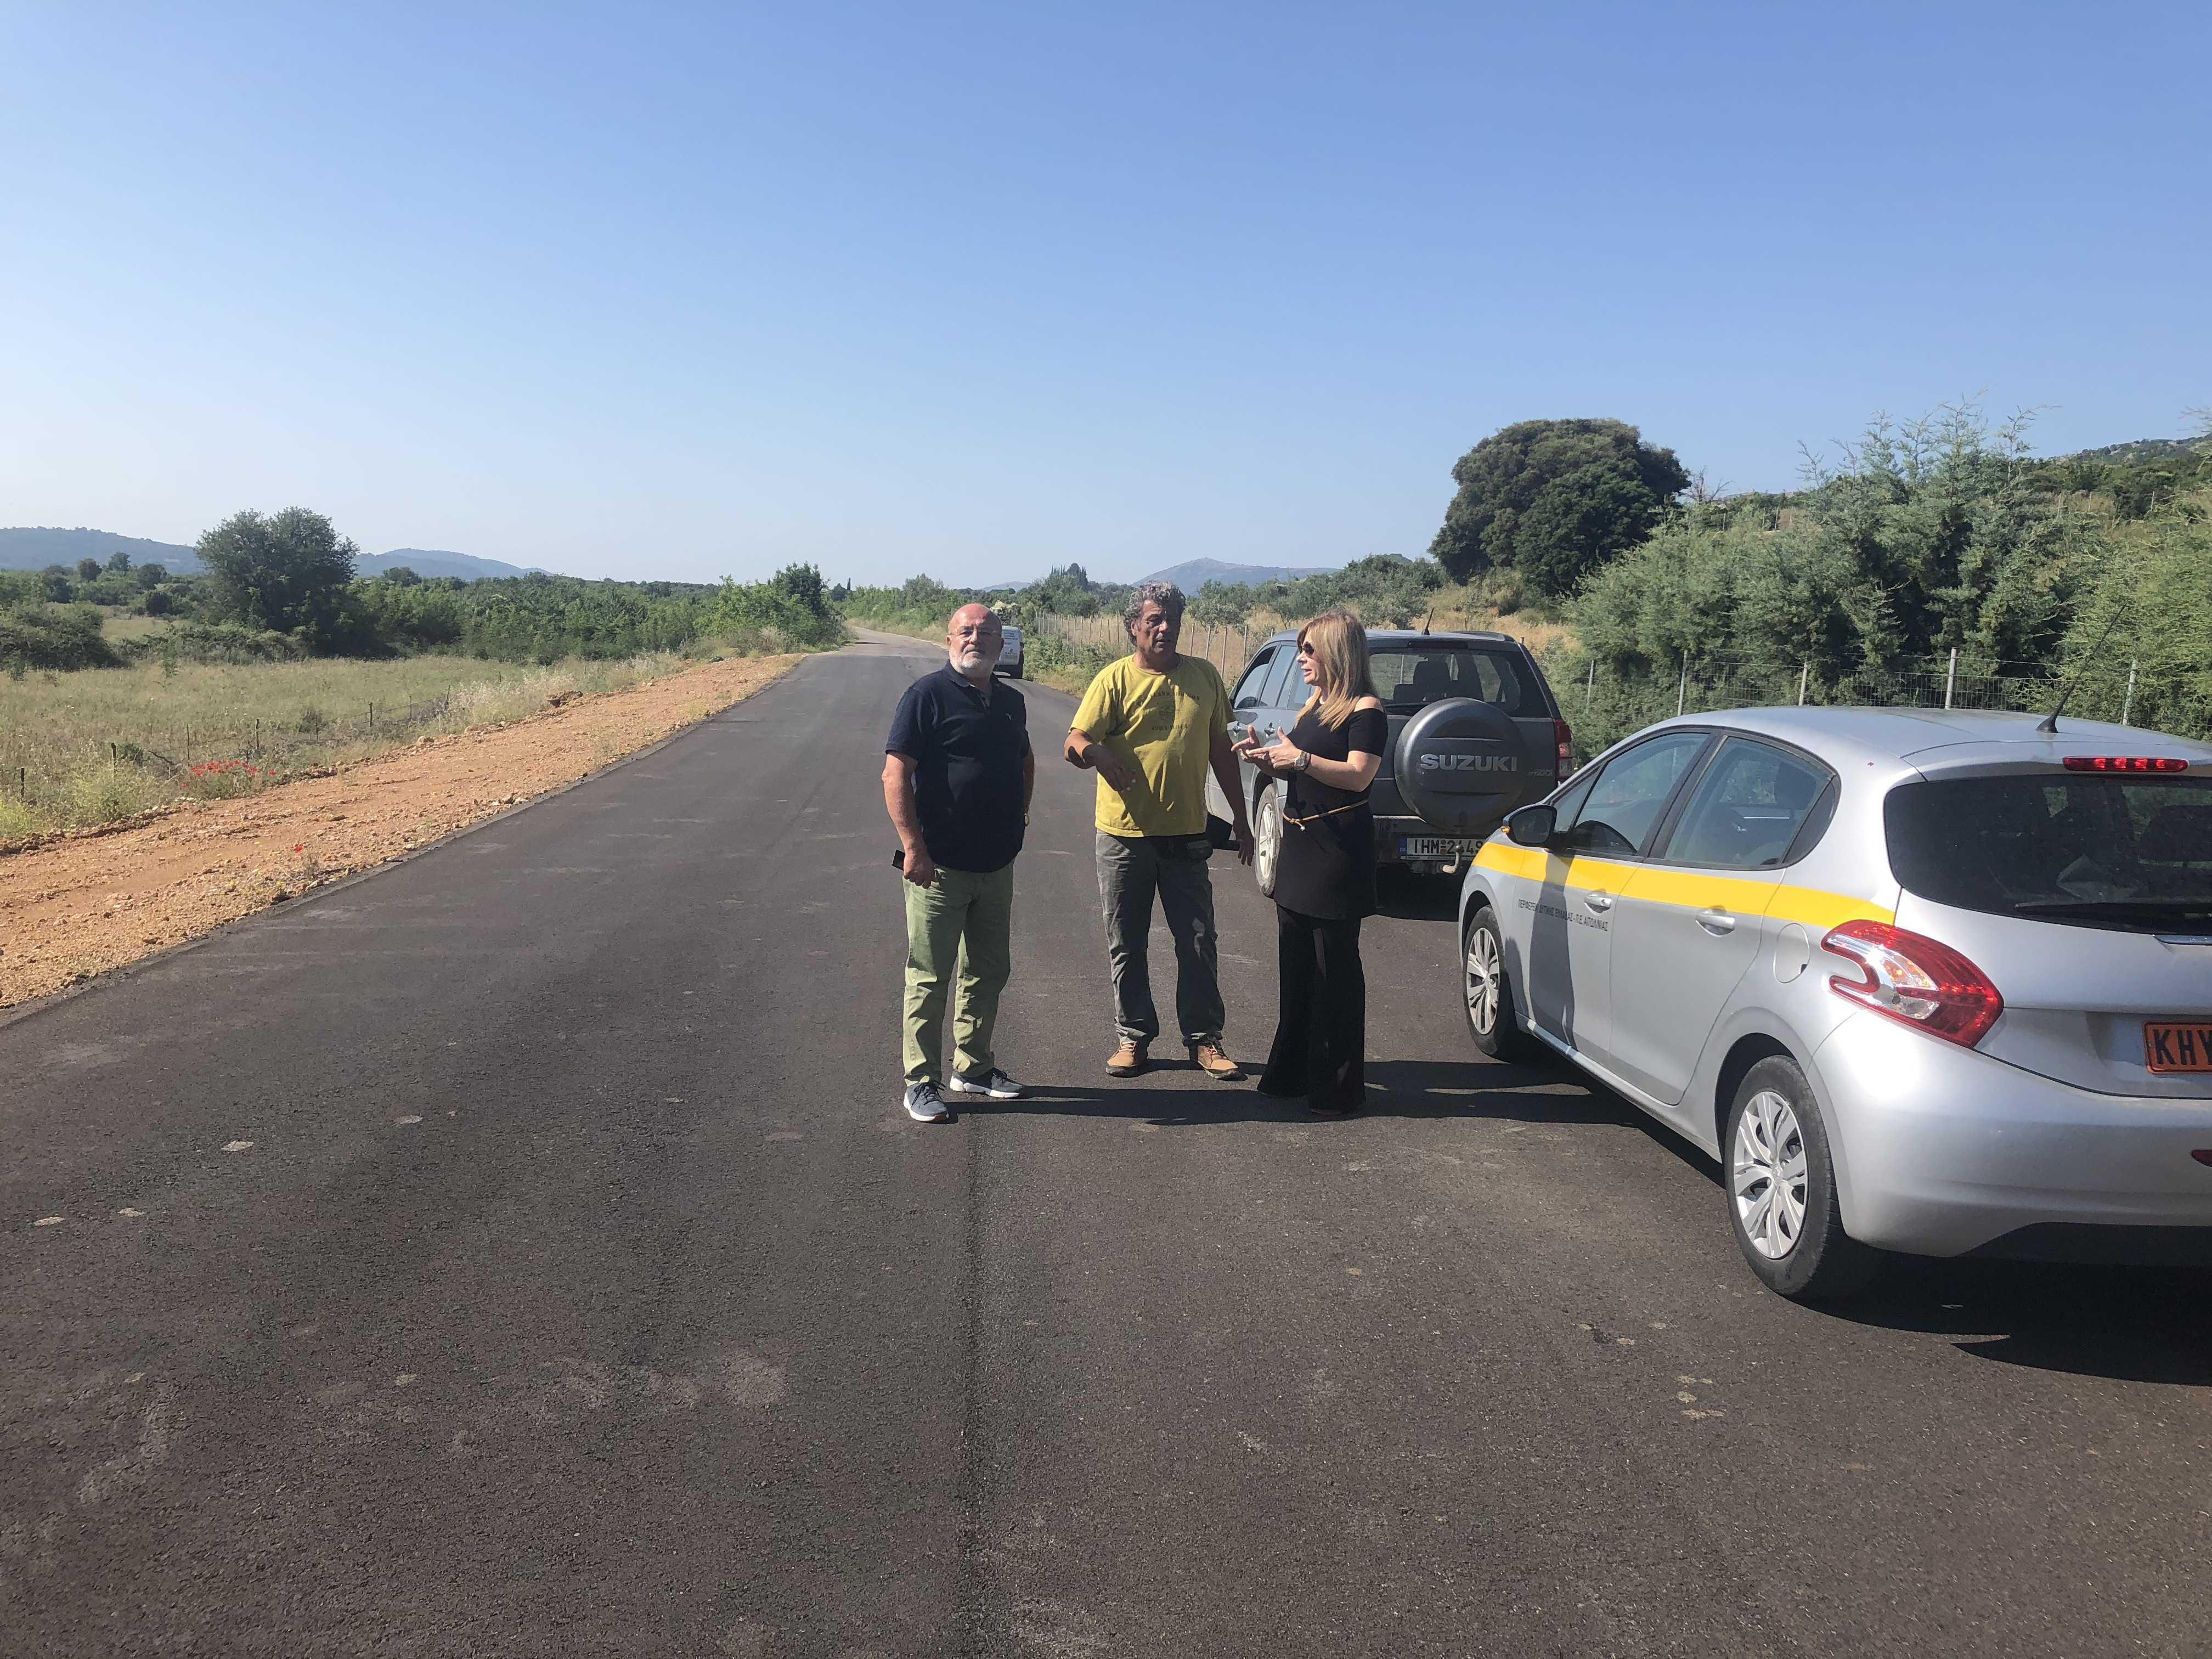 Η Αντιπεριφερειάρχης κ. Χριστίνα Σταρακά σε έργα που εκτελούνται στην ευρύτερη περιοχή της πρώην επαρχίας Ξηρομέρου